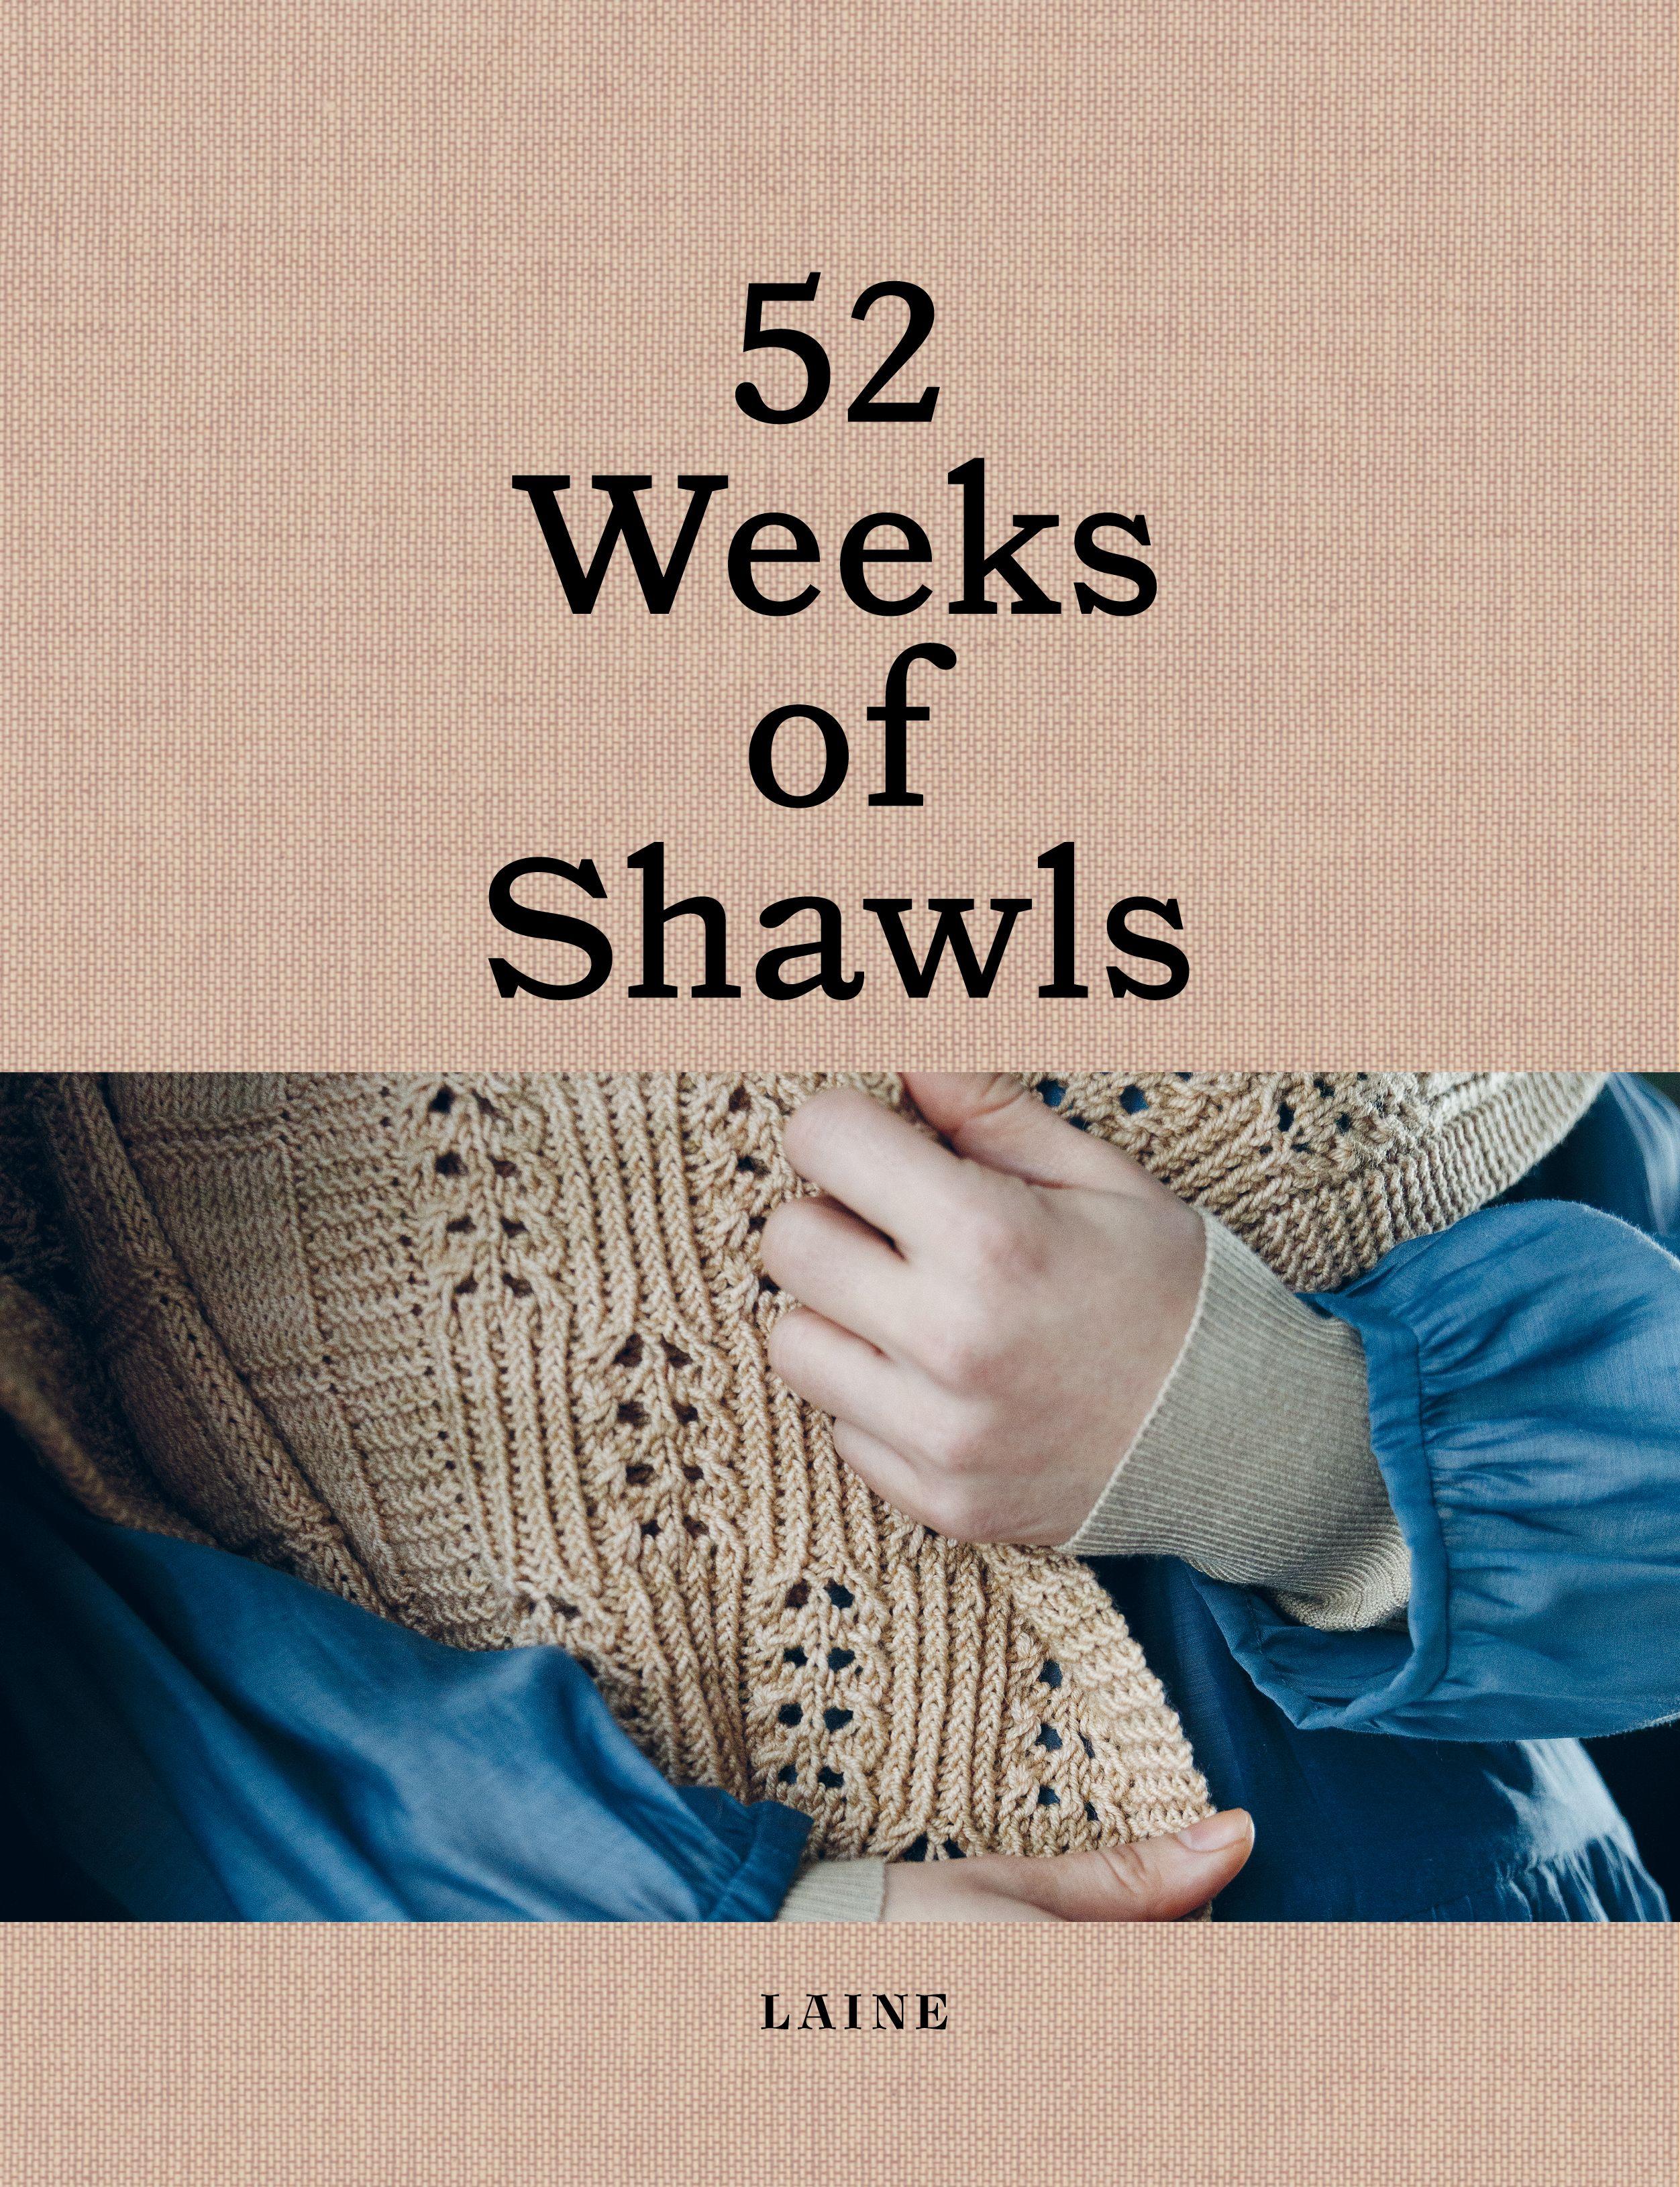 52 Weeks of Shawls (Laine)